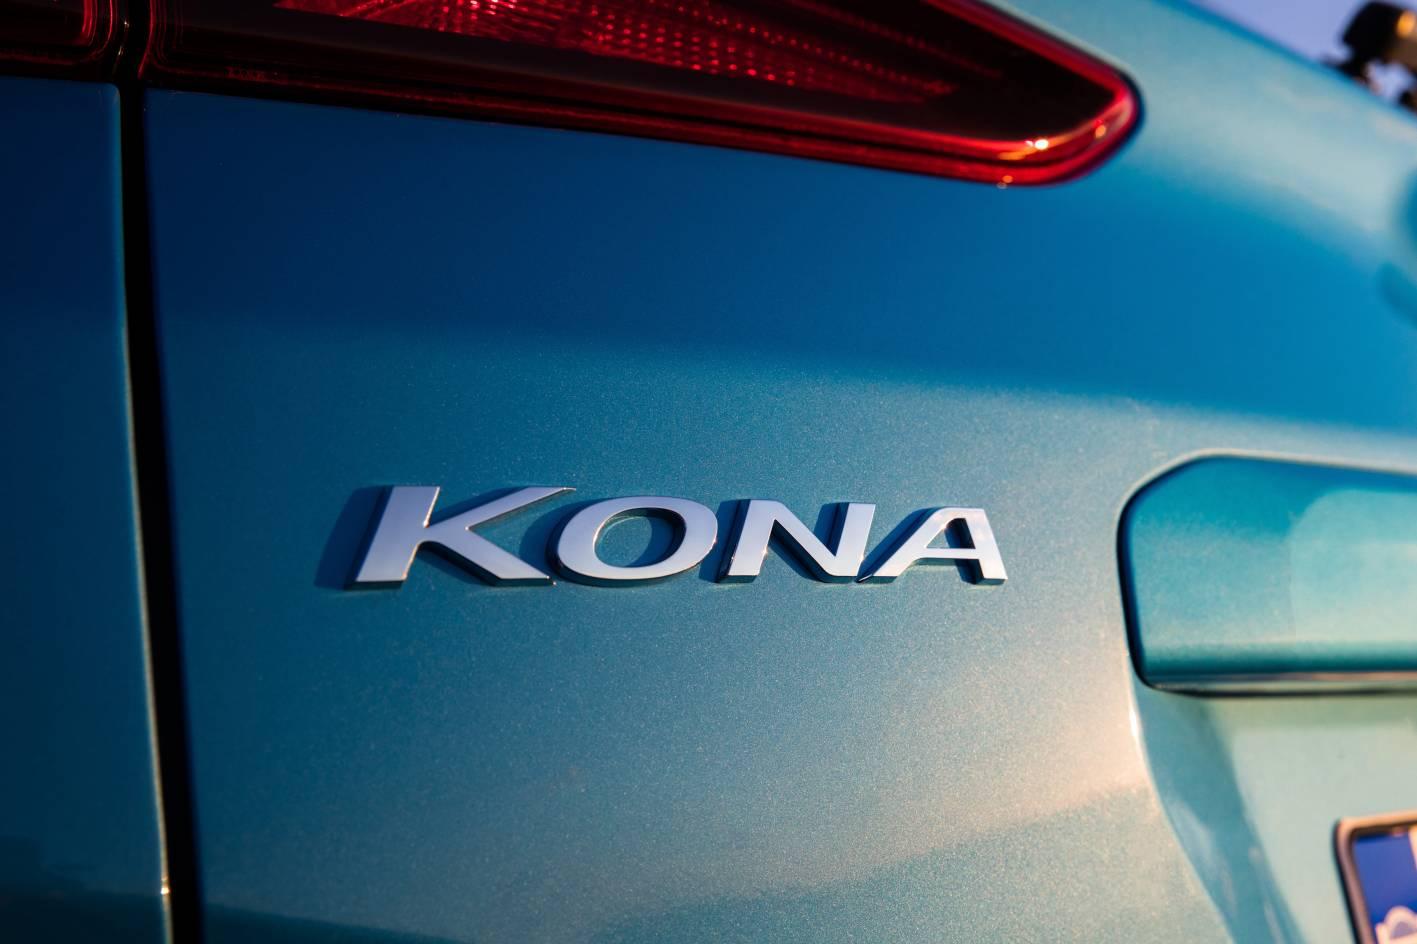 2018 Hyundai Kona general 14.jpg